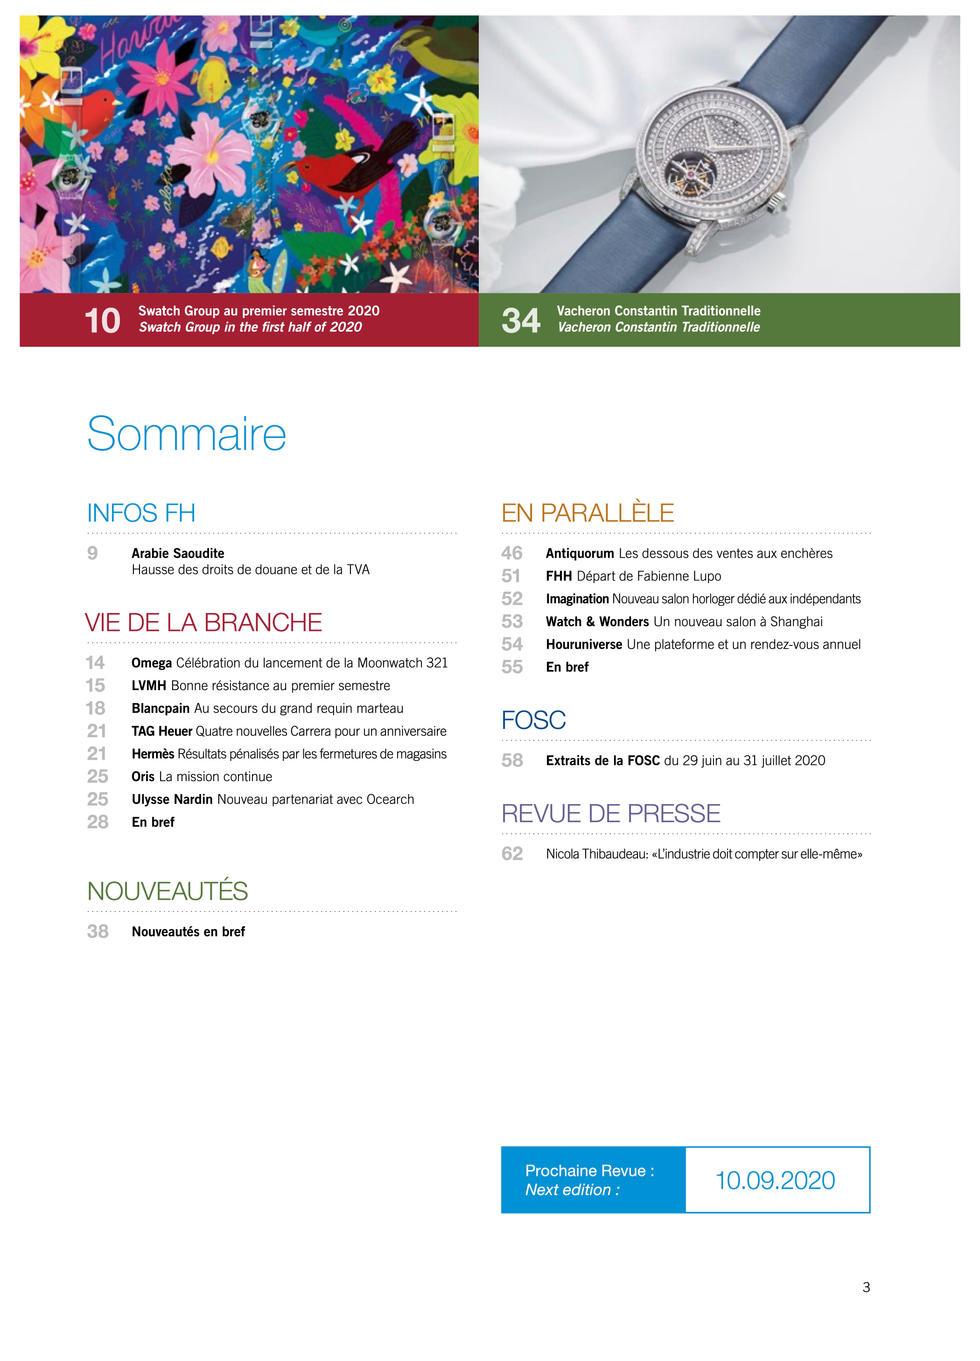 revue_fh_2020_11 page 5 copy.jpg